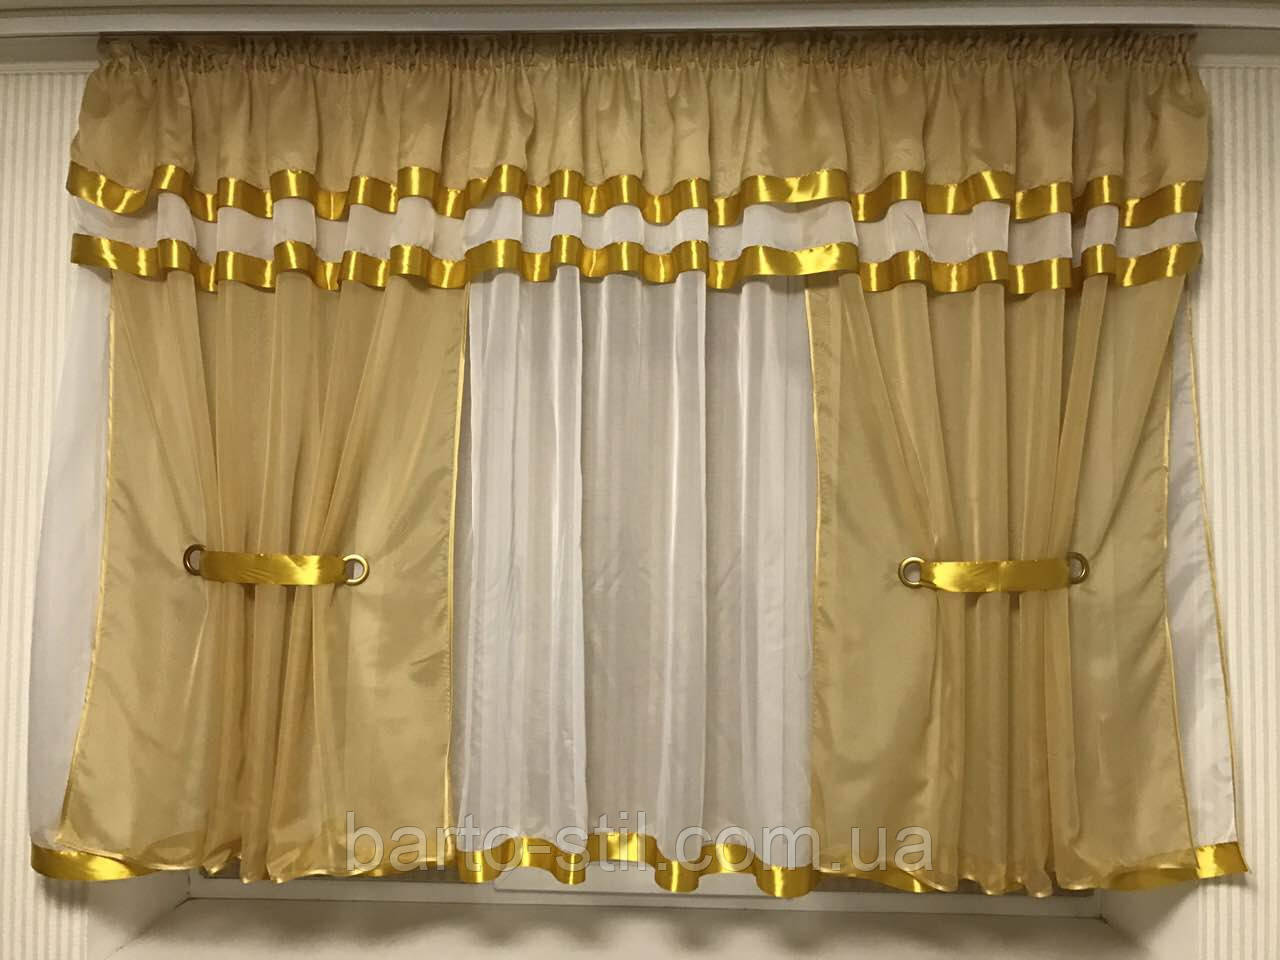 """Шторки с тюлью на кухню""""Роксана""""  Золотистого   цвета .Высота 1.6м. Ширина 4м"""